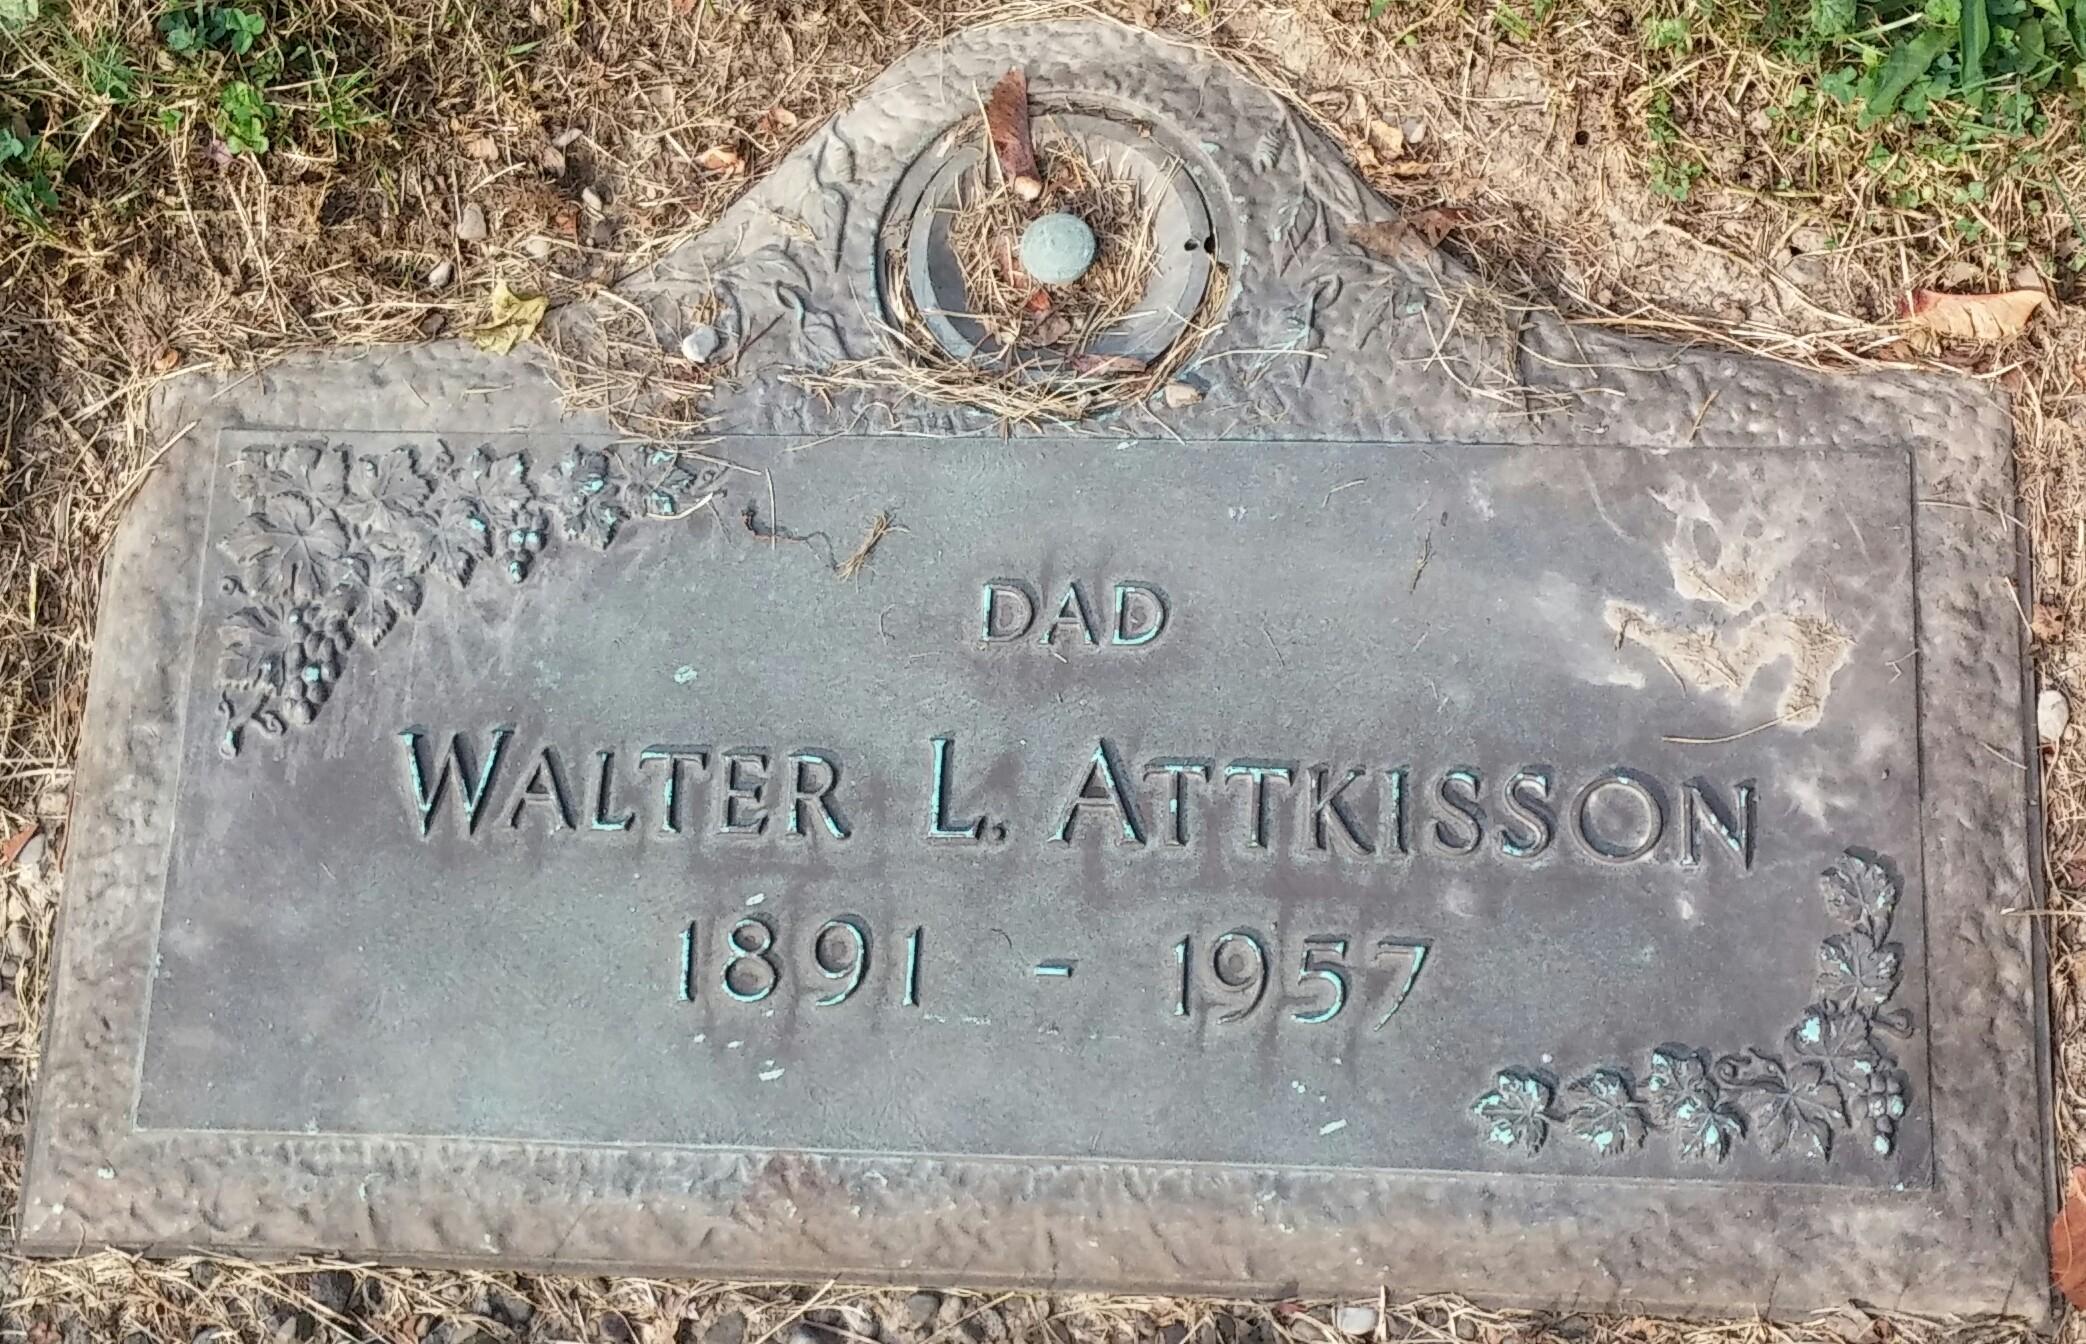 Walter L. Attkisson